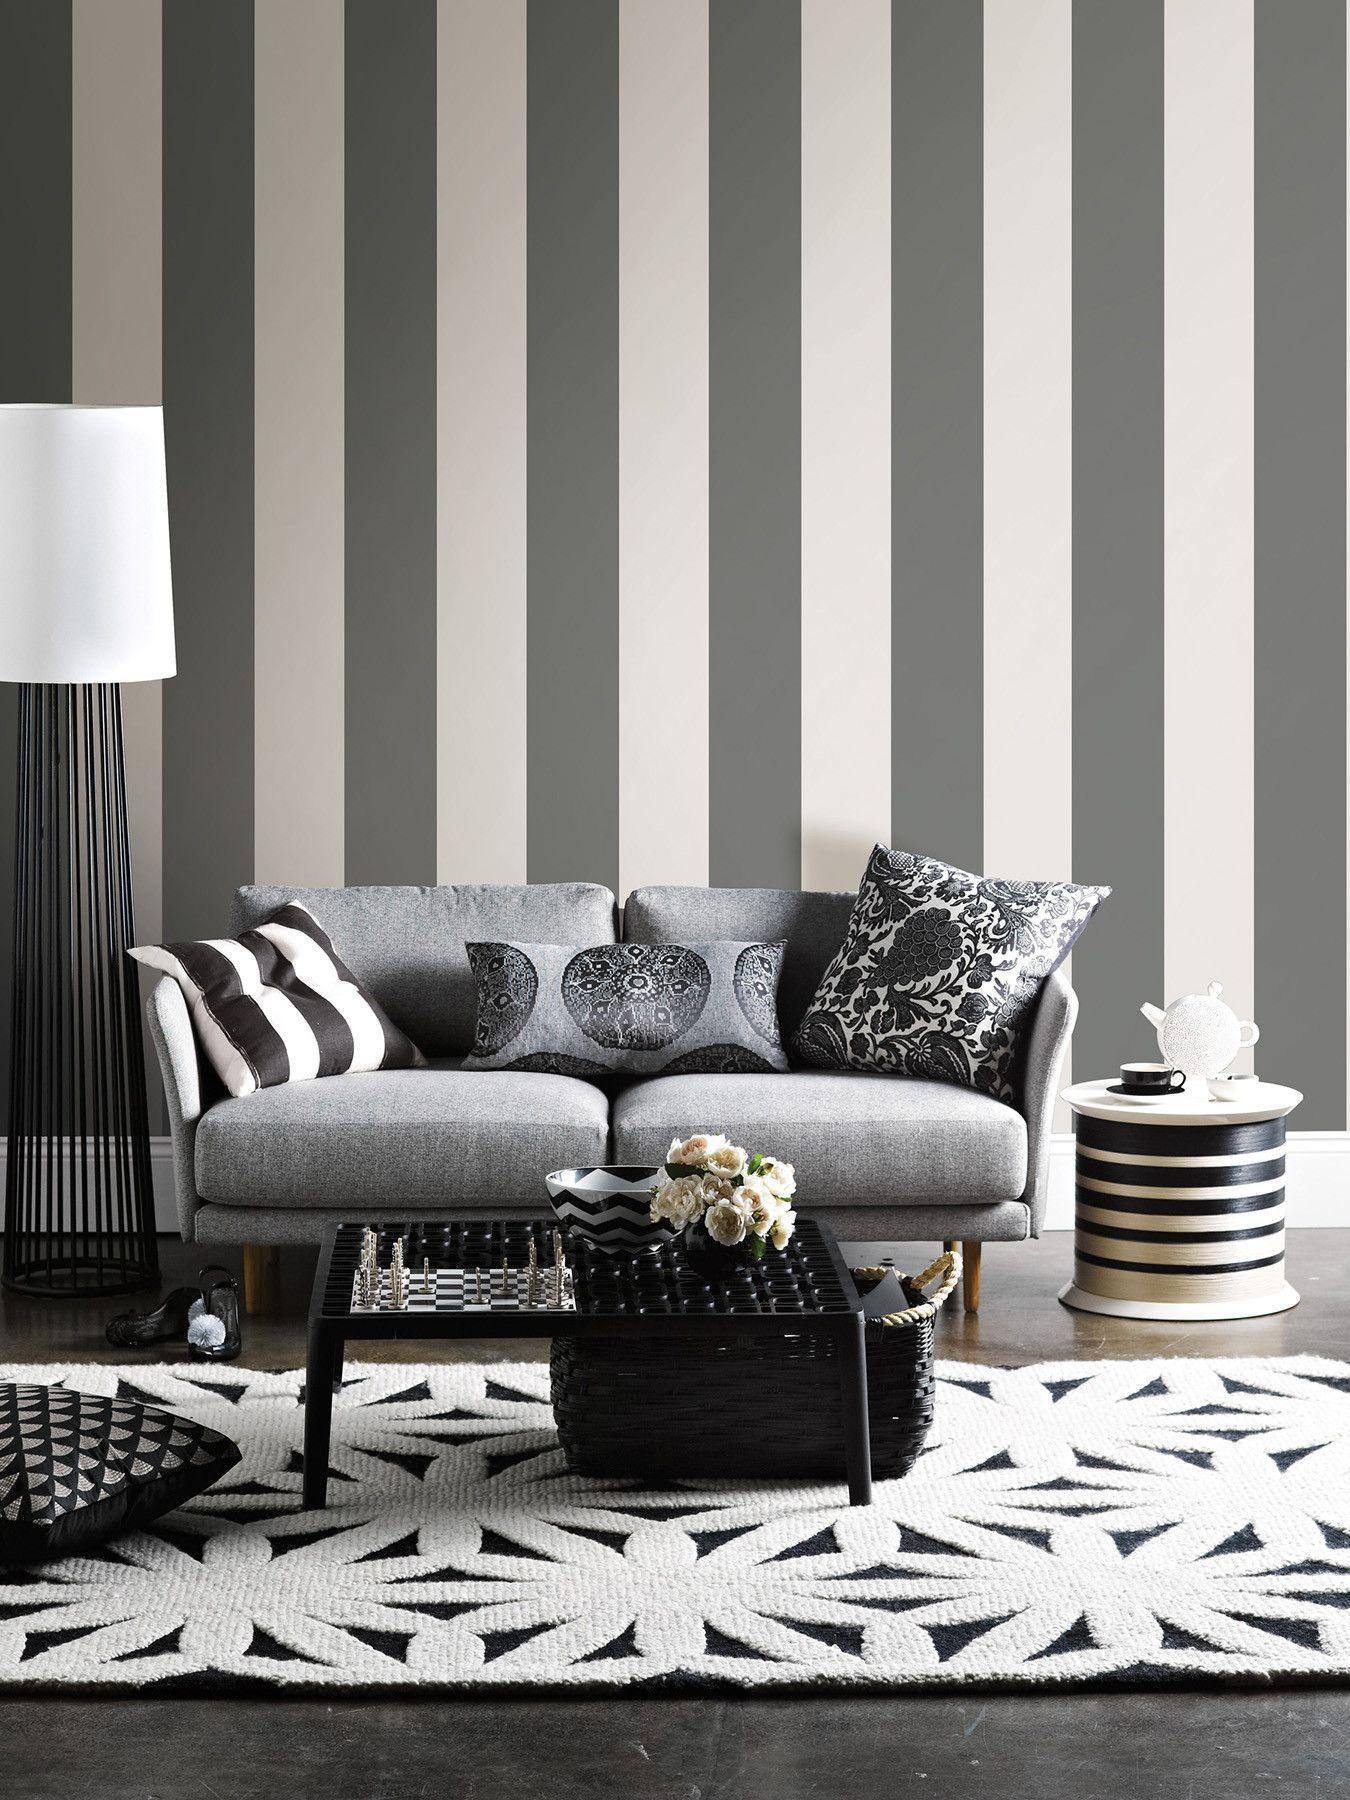 Dots Blox Stripes Wall Decal & Dots Blox Stripes Wall Decal | Striped walls Wall decals and Walls